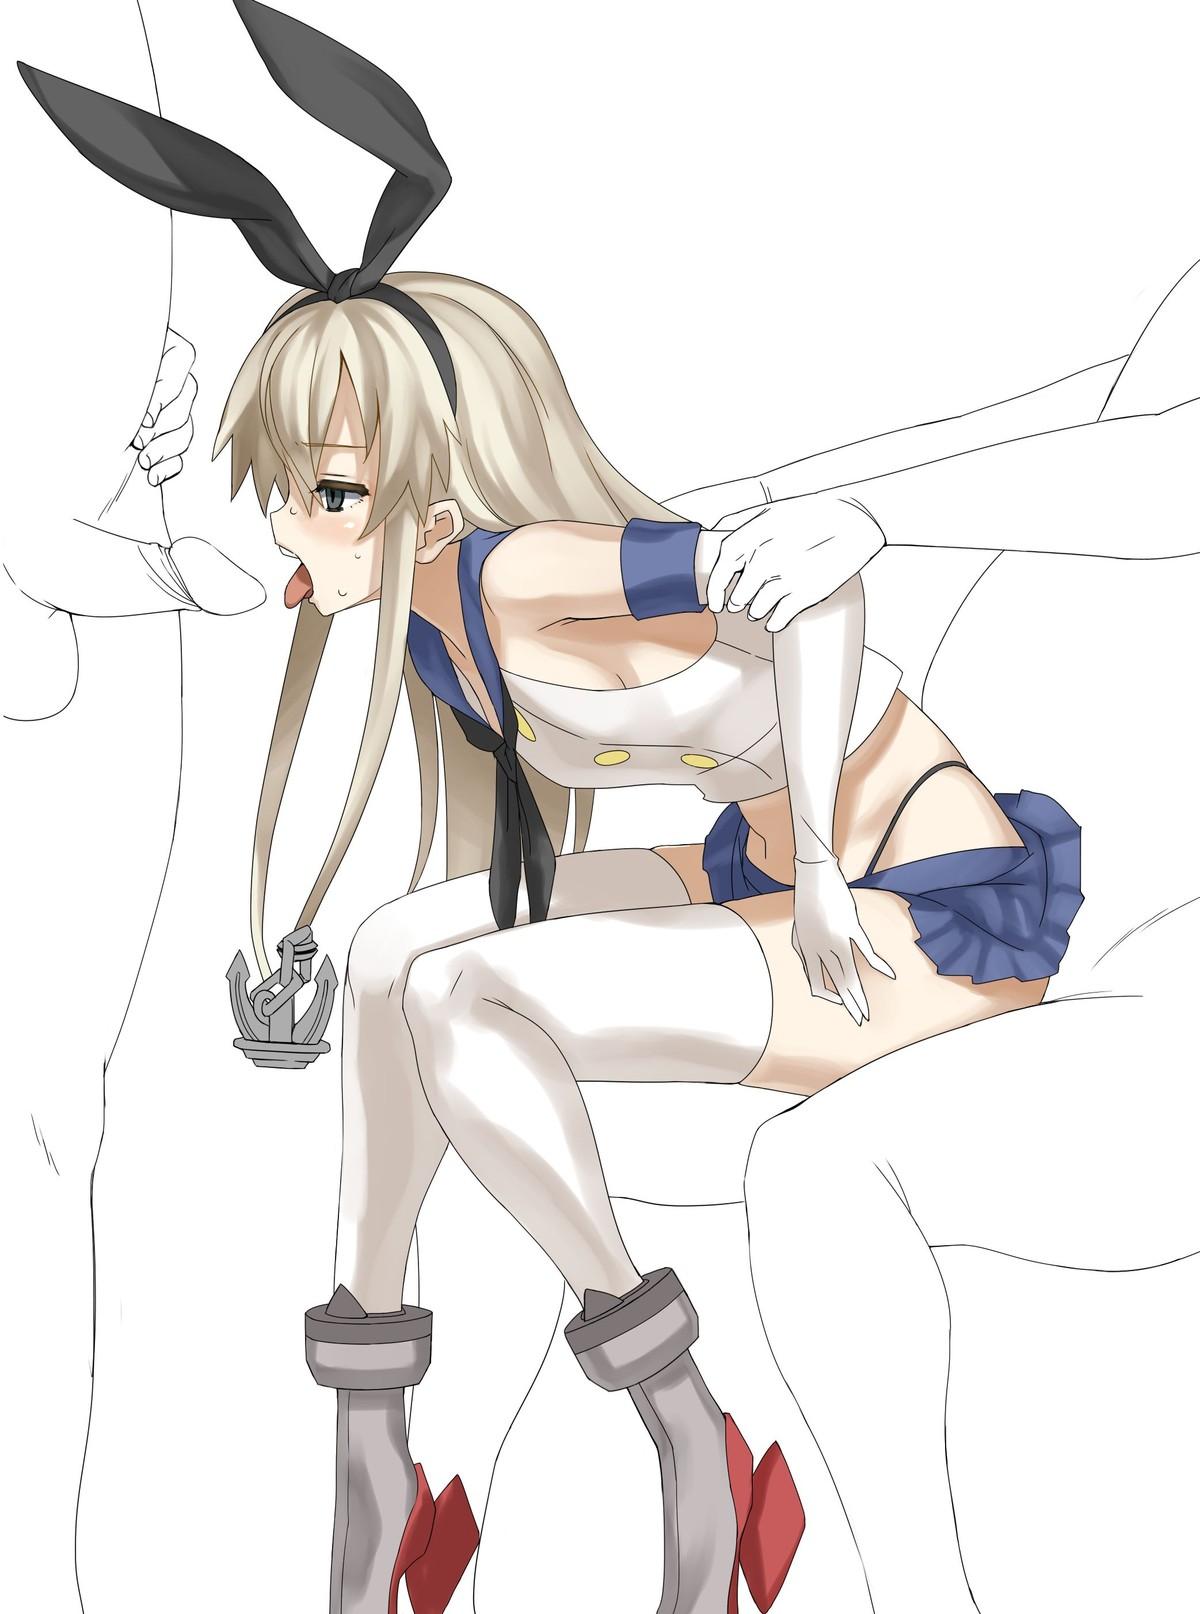 shimakaze_(kantai_collection)422